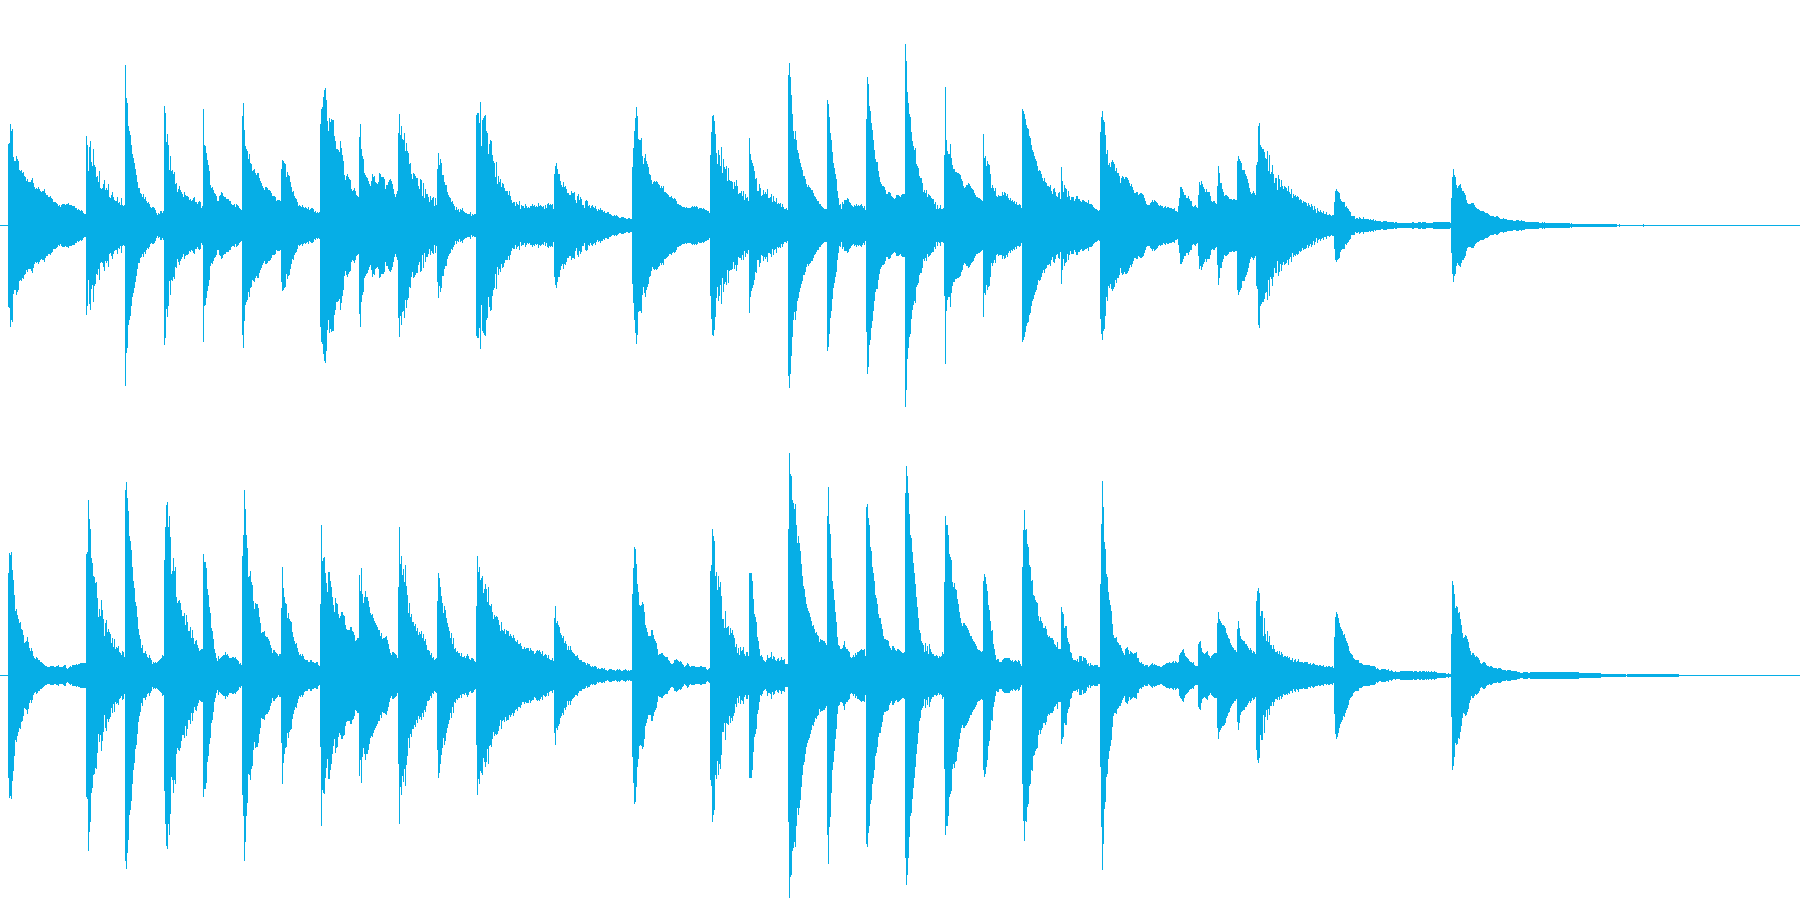 童謡・夕焼小焼モチーフのピアノジングルAの再生済みの波形